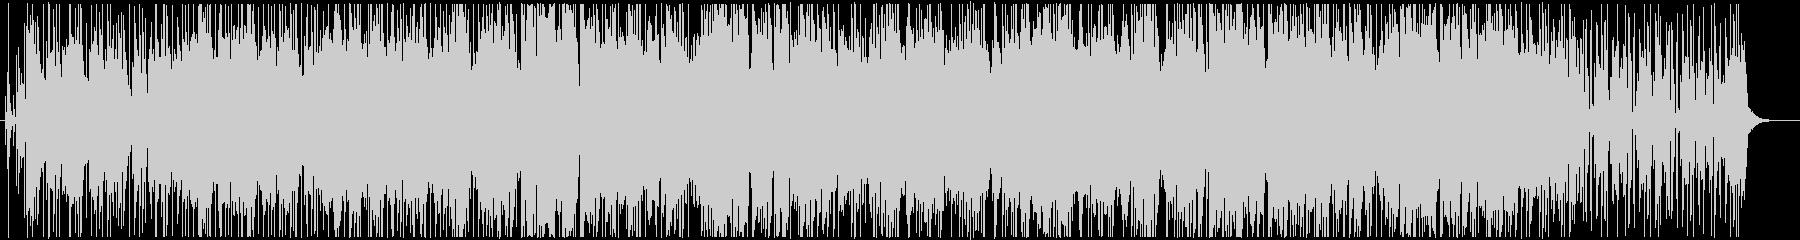 大人な雰囲気のBGMの未再生の波形